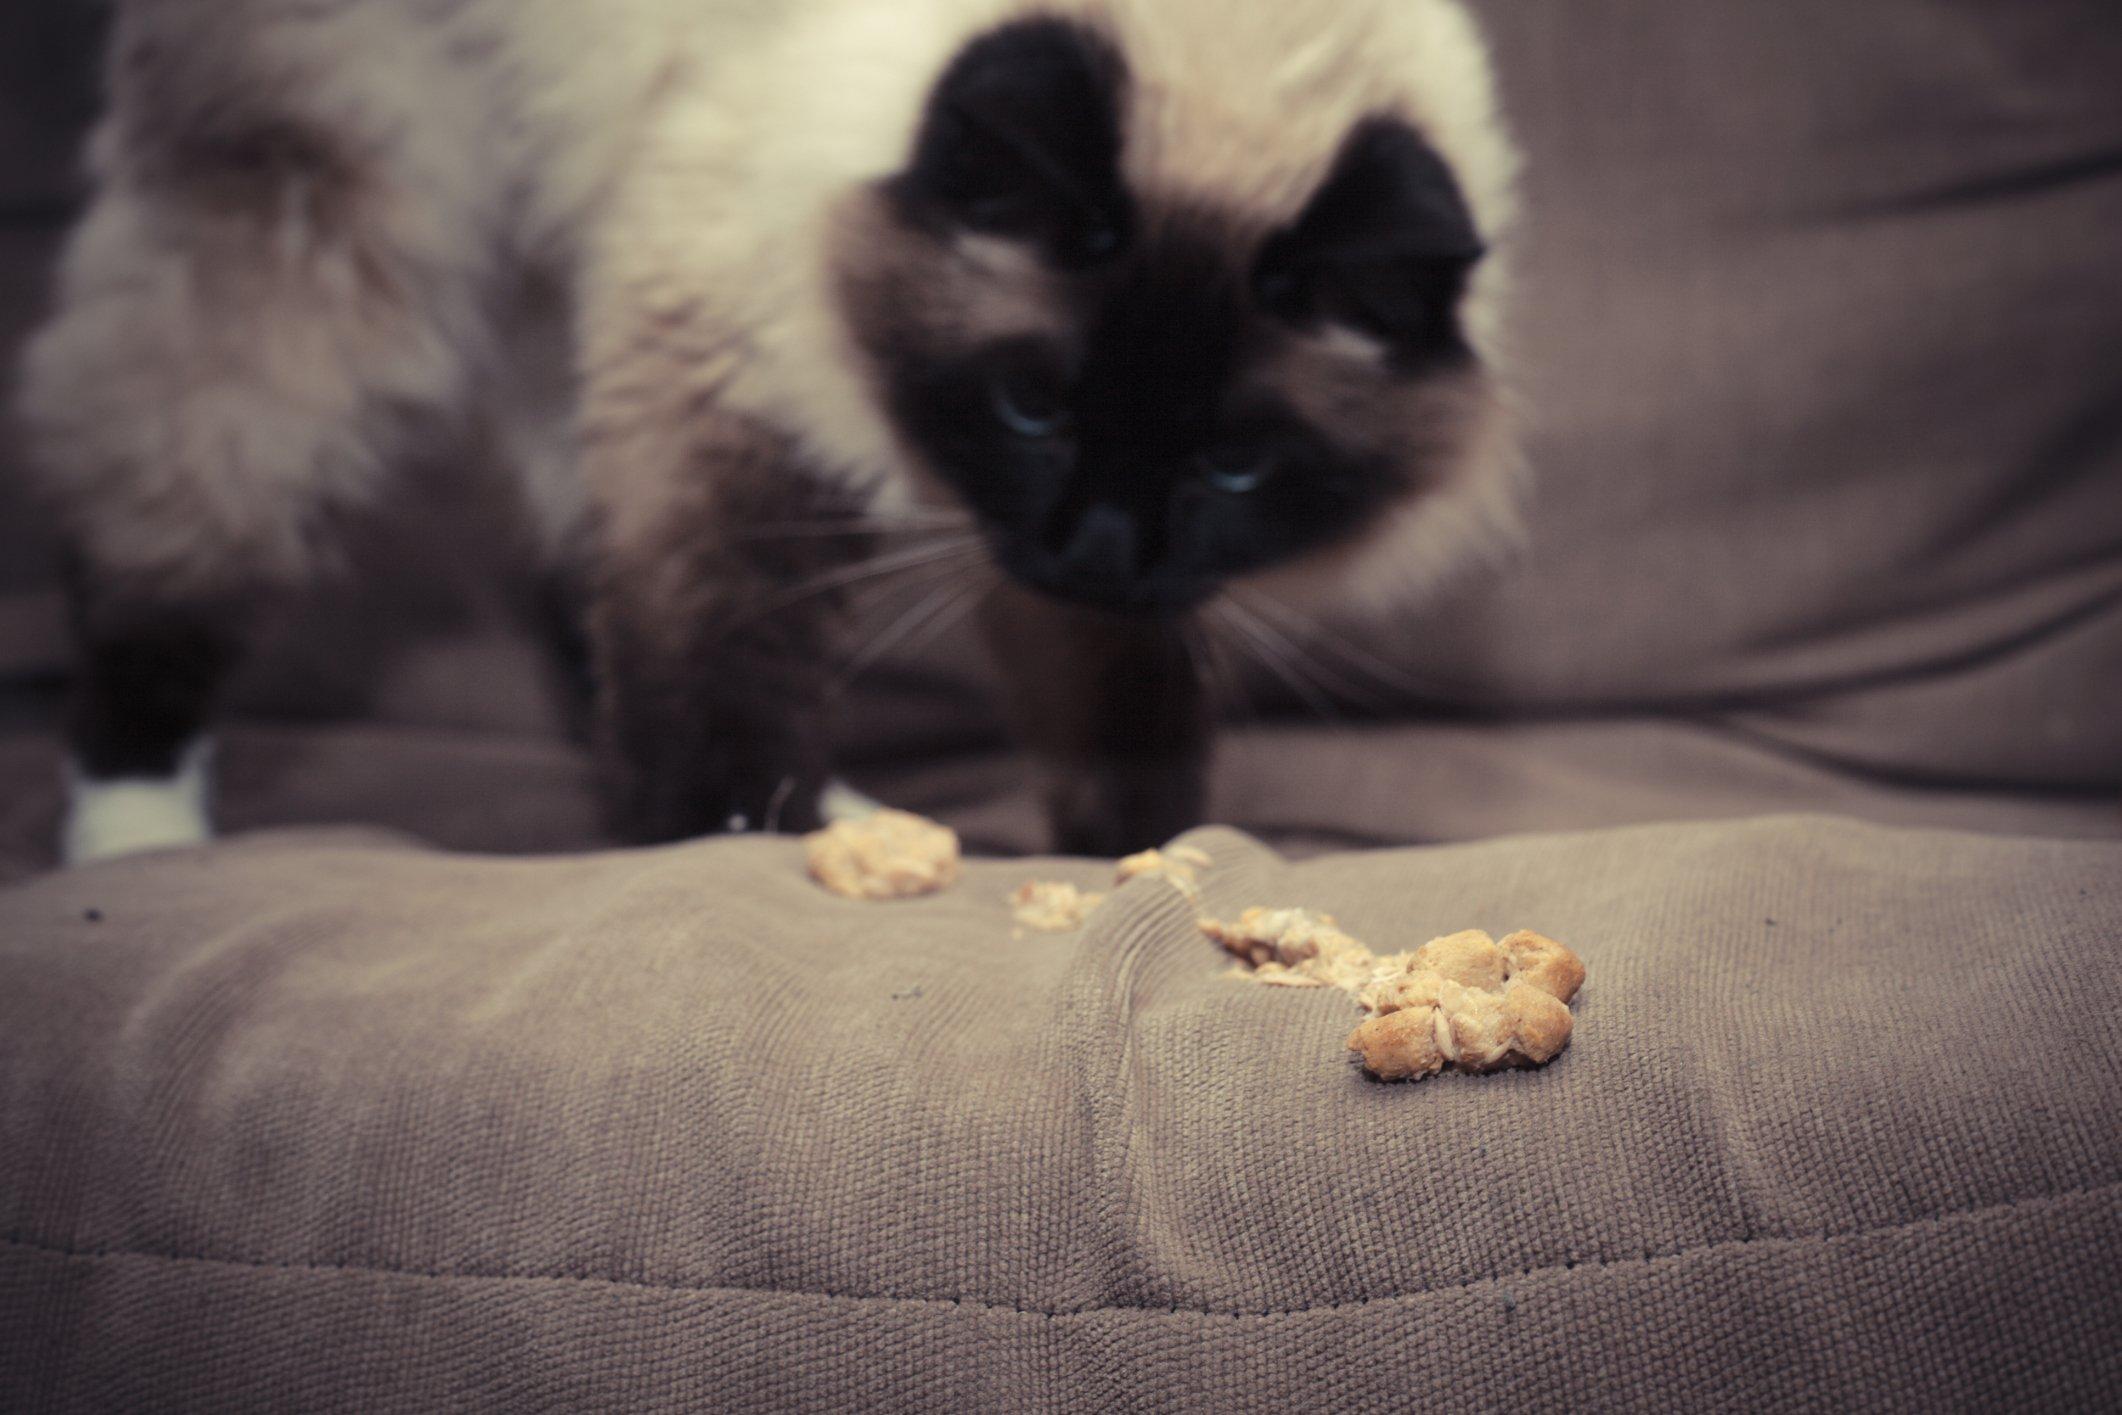 cat with ibd